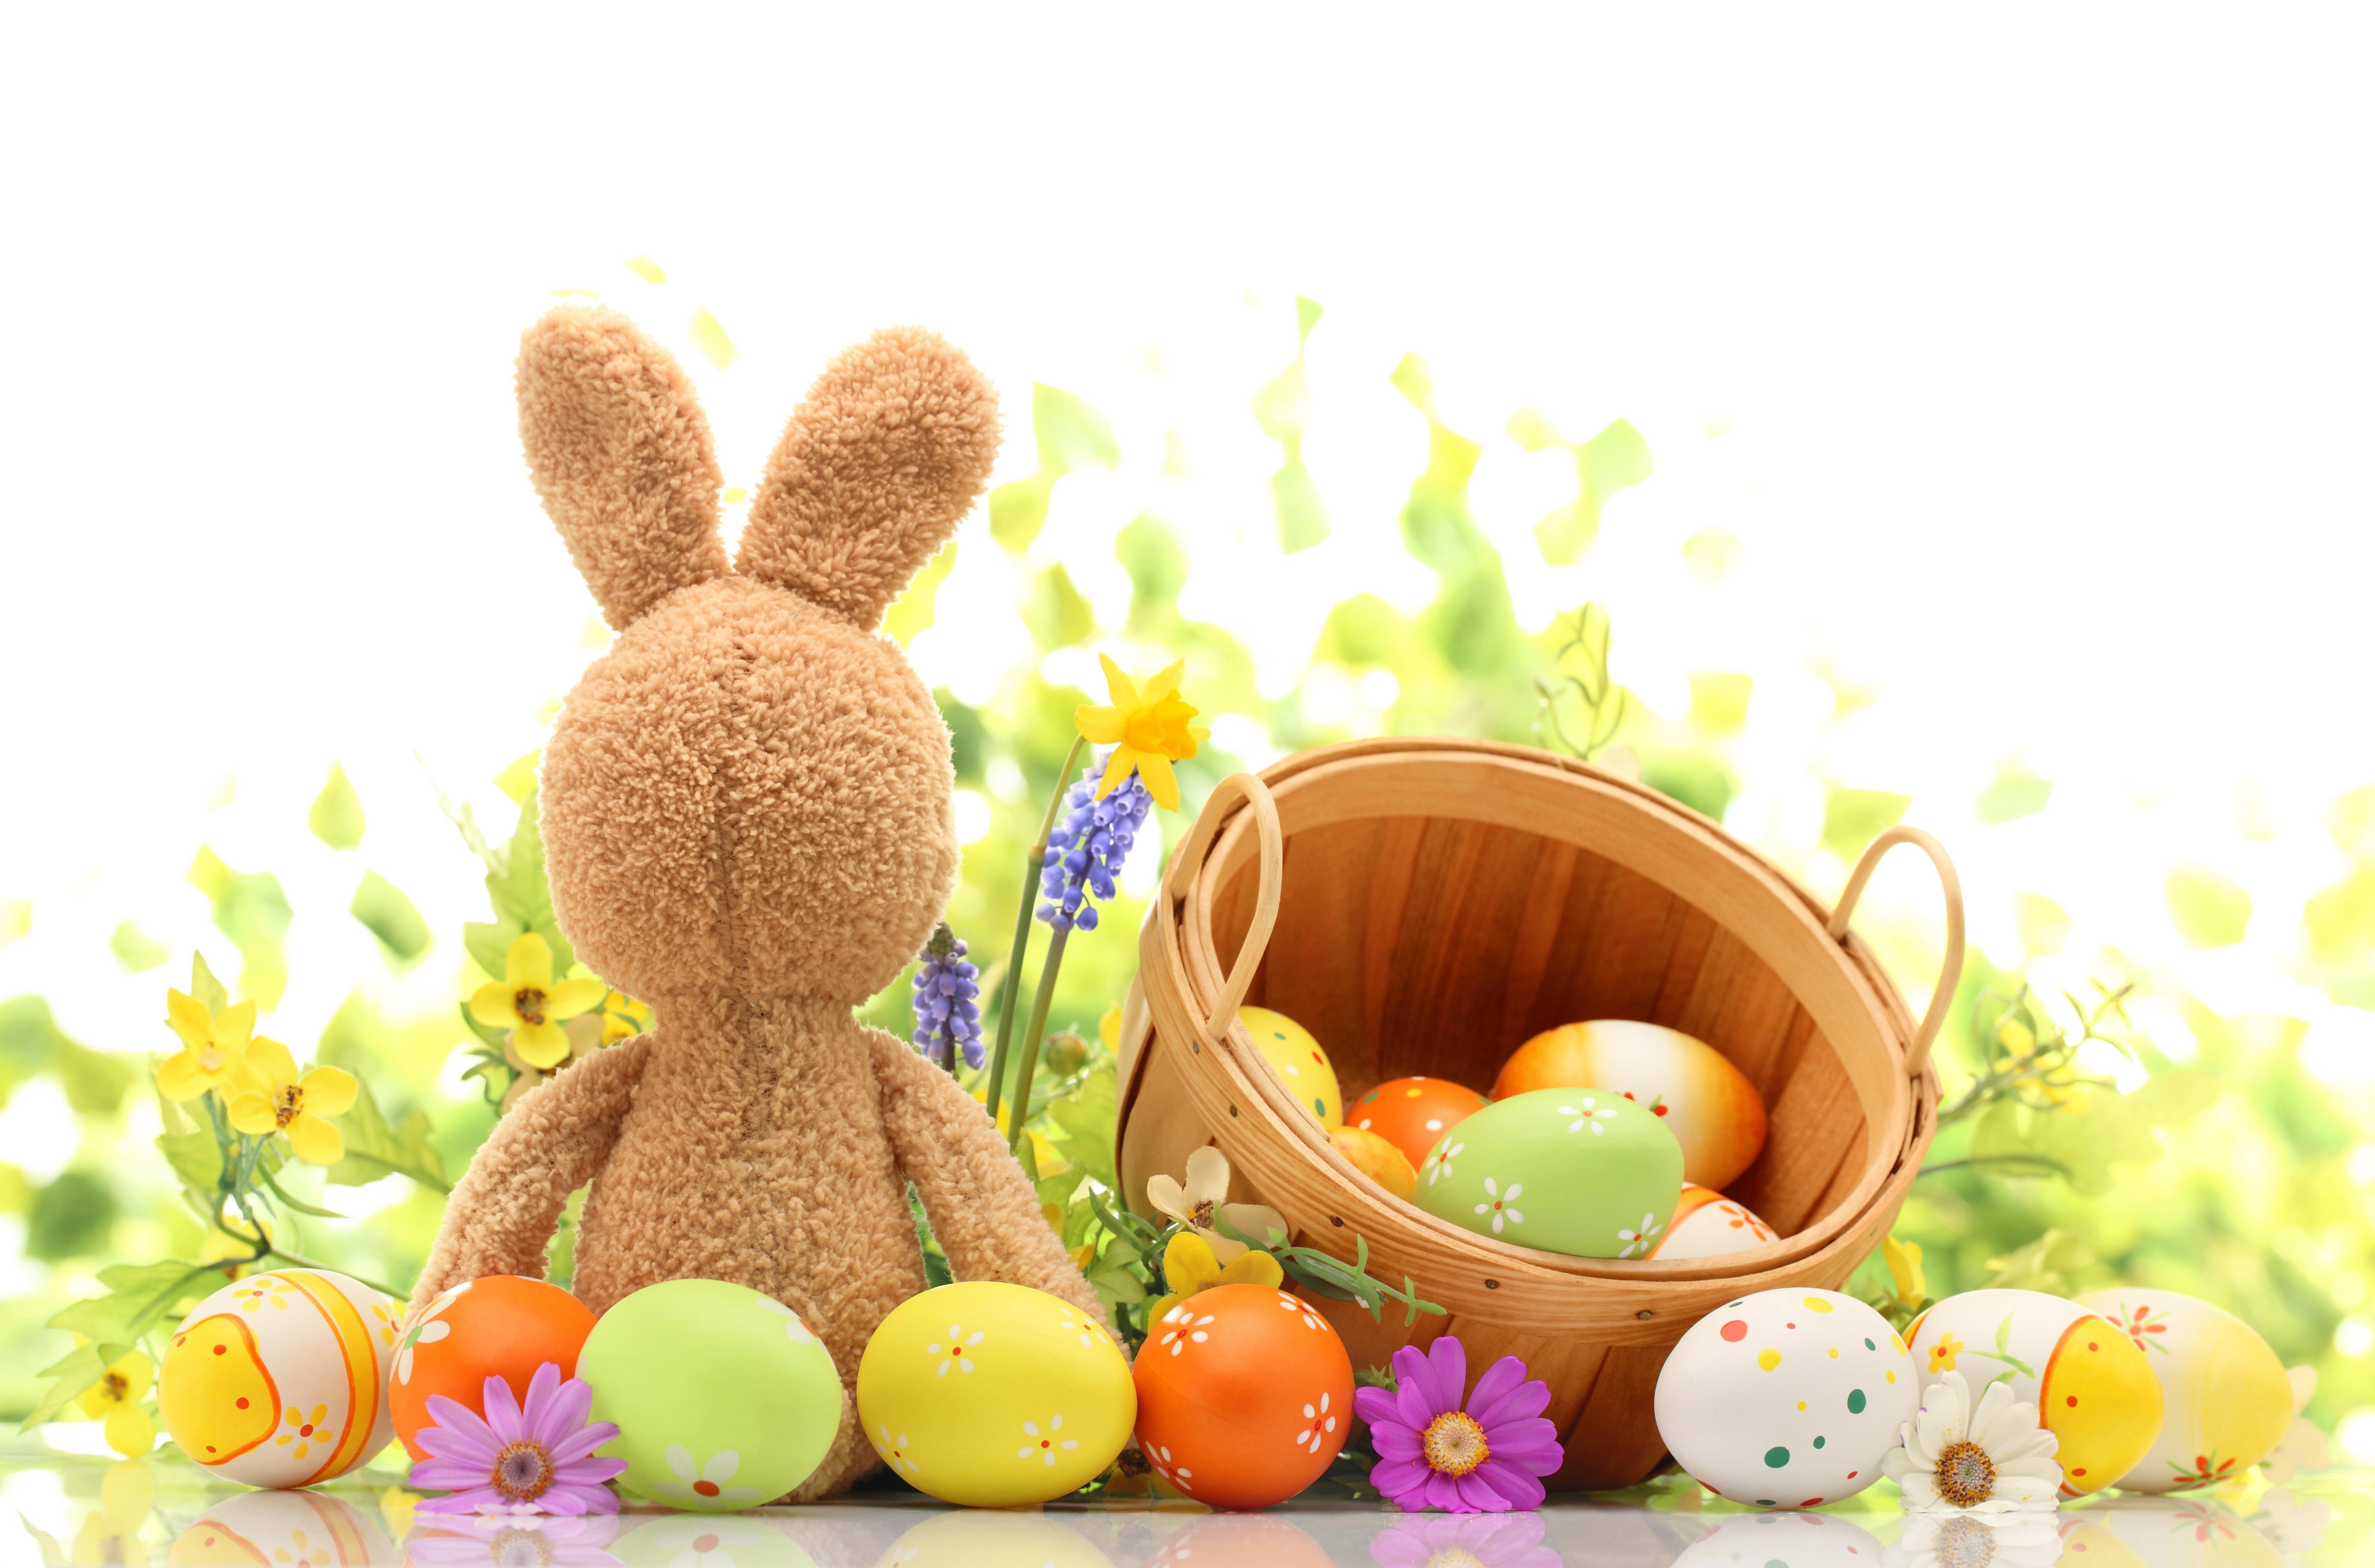 Easter Wallpaper 10   5820 X 3843 stmednet 5820x3843